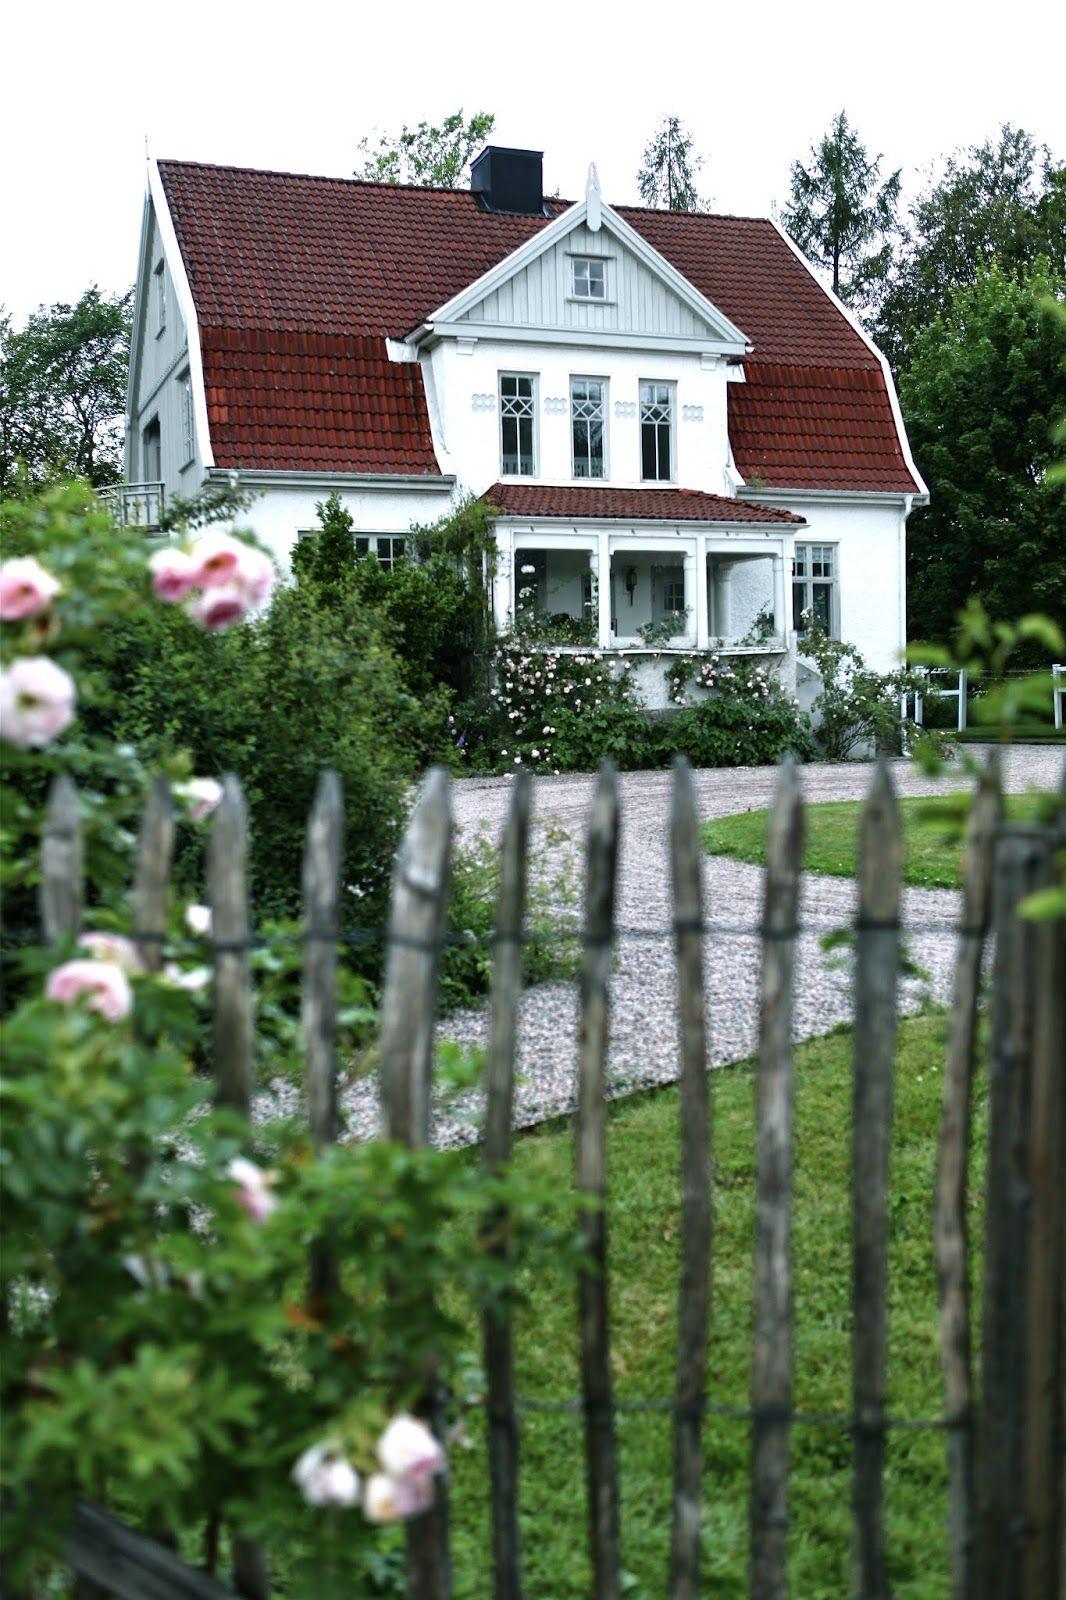 Skandinavien traumhaus holzhaus hausfassade schwedenhaus gartenzaun einfamilienhaus landleben zuhause